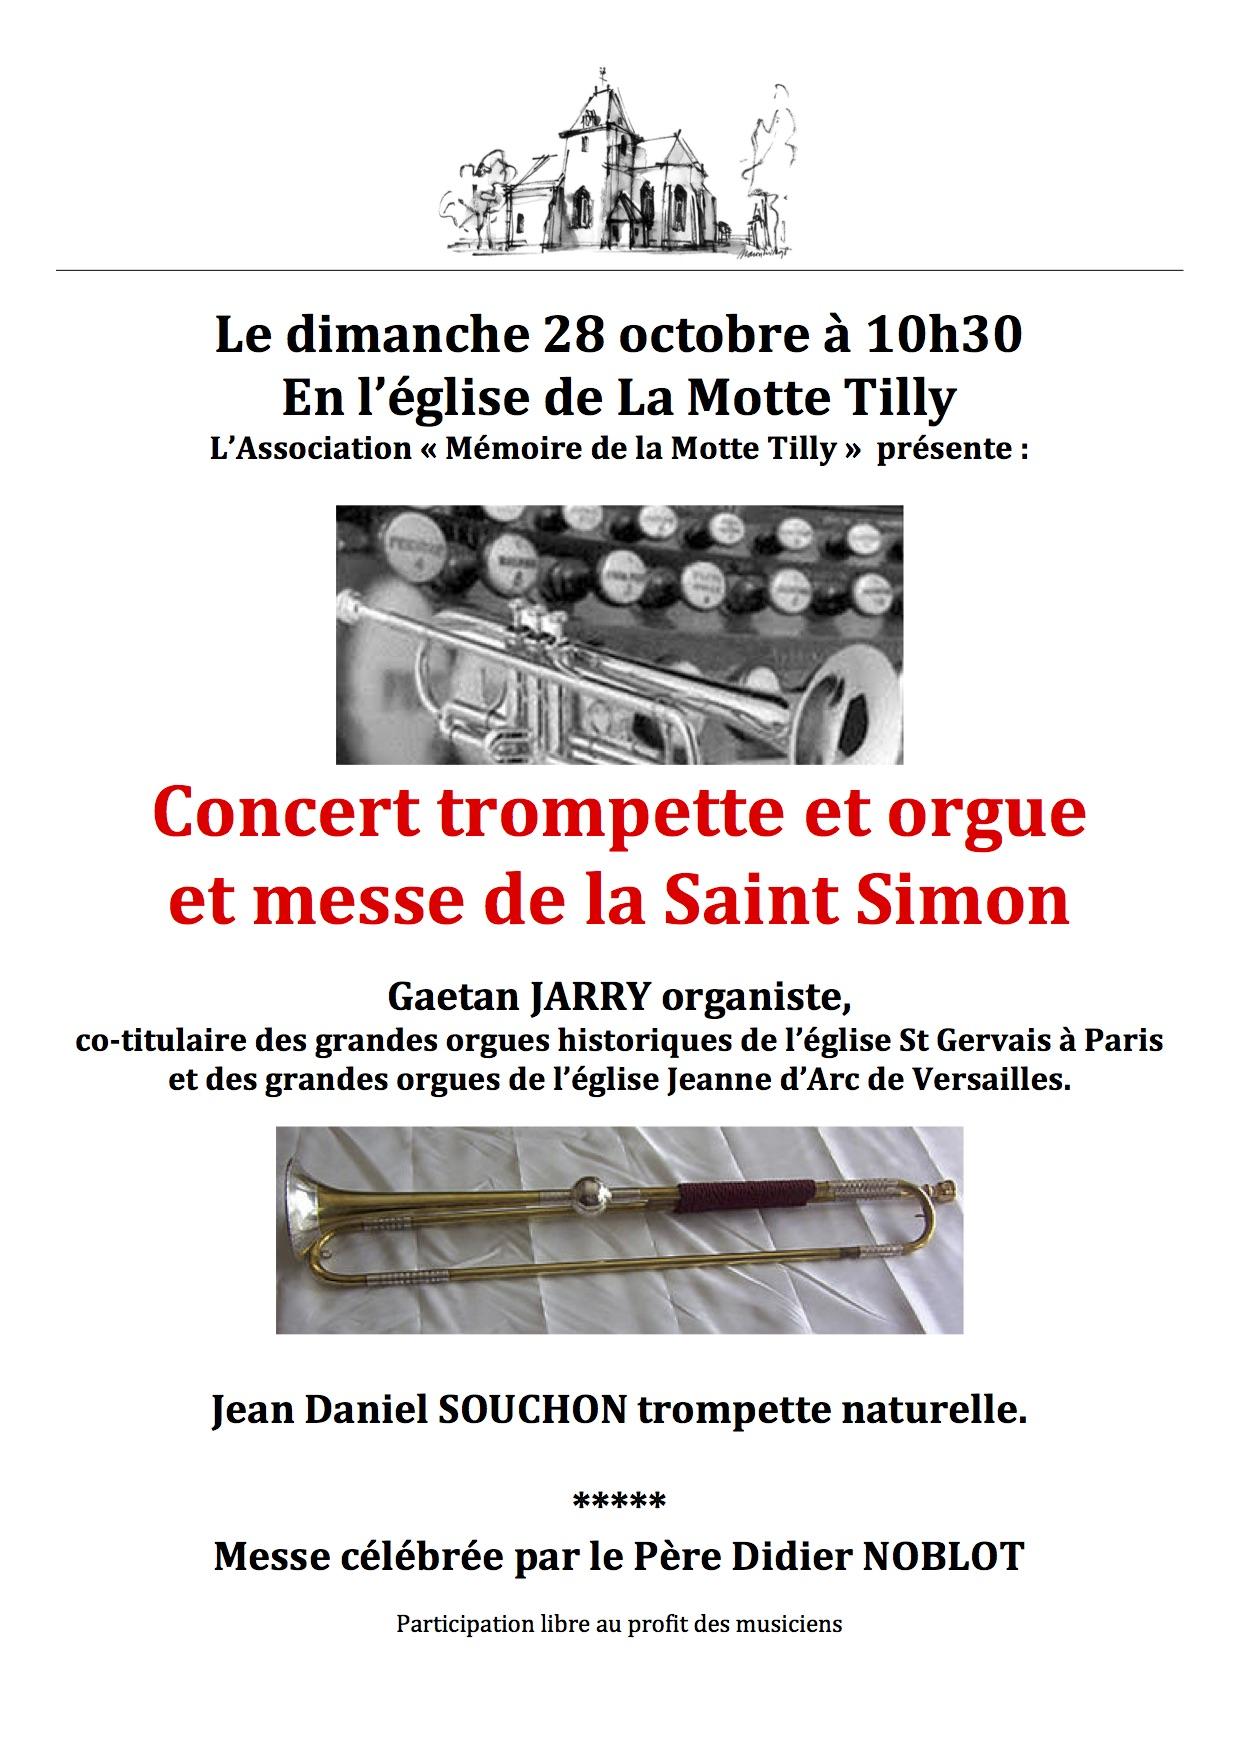 Concert 28.10